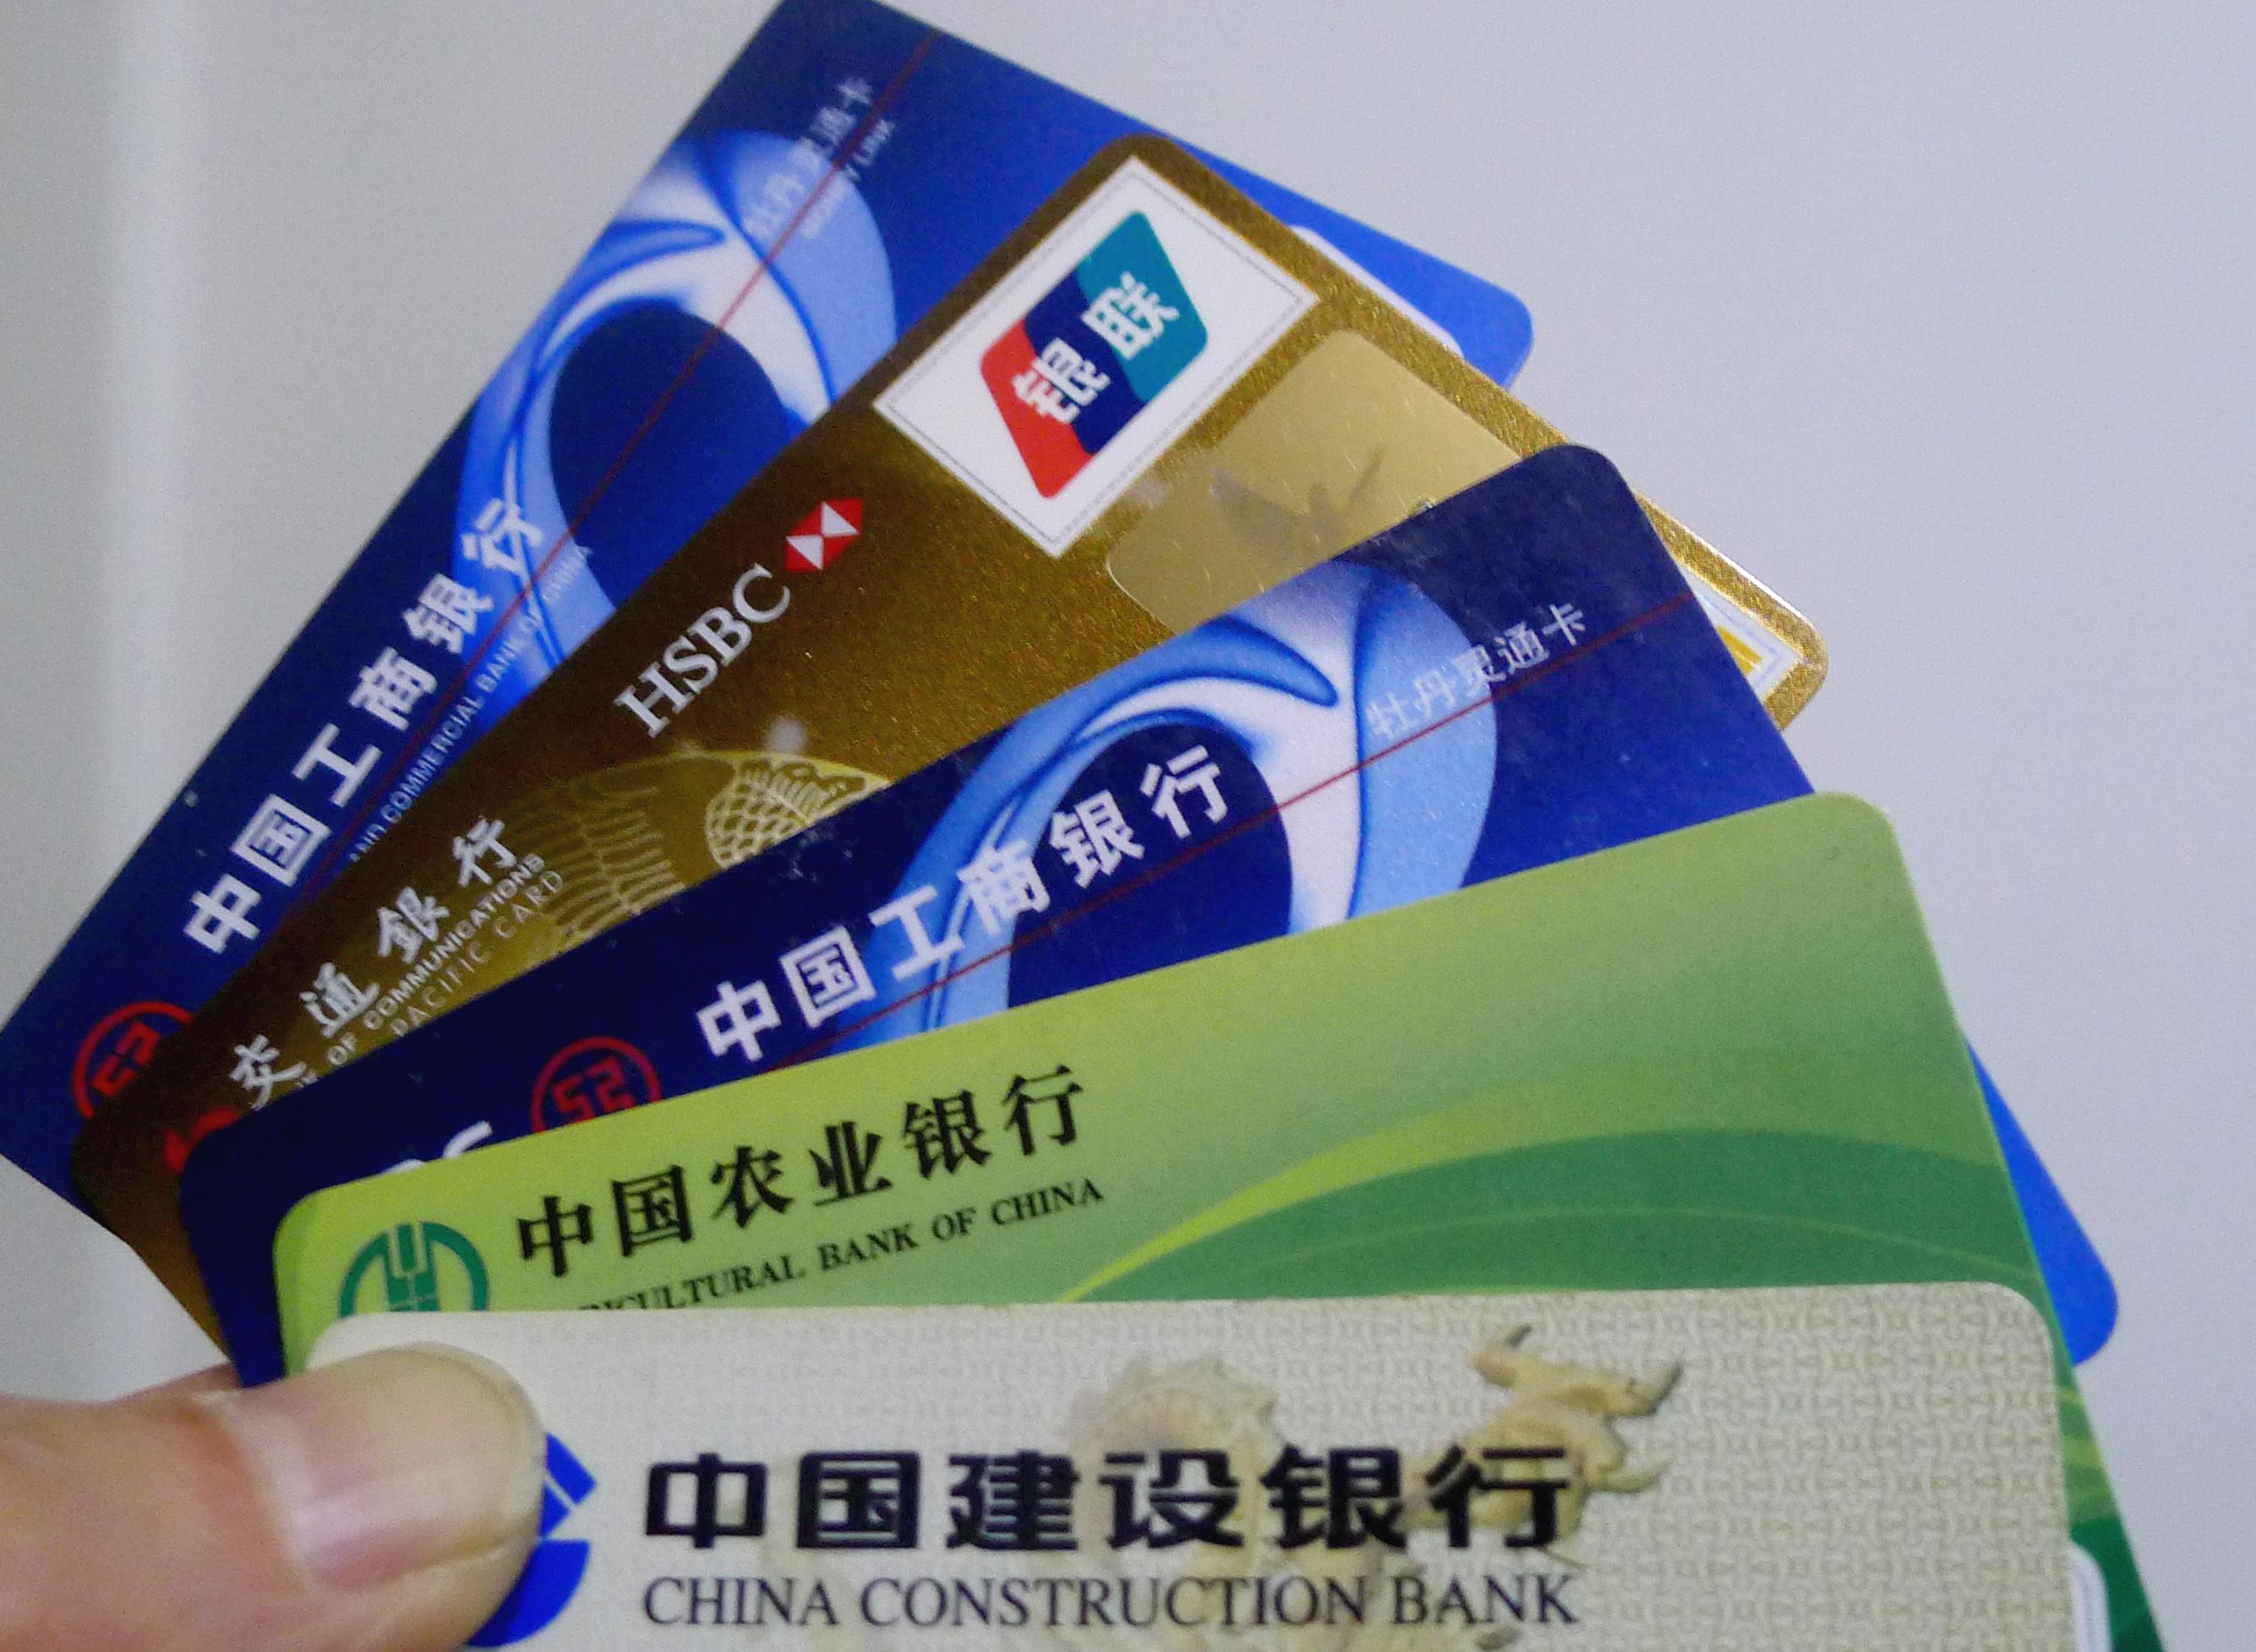 没车、没房、没经济,什么信用卡最好申请?